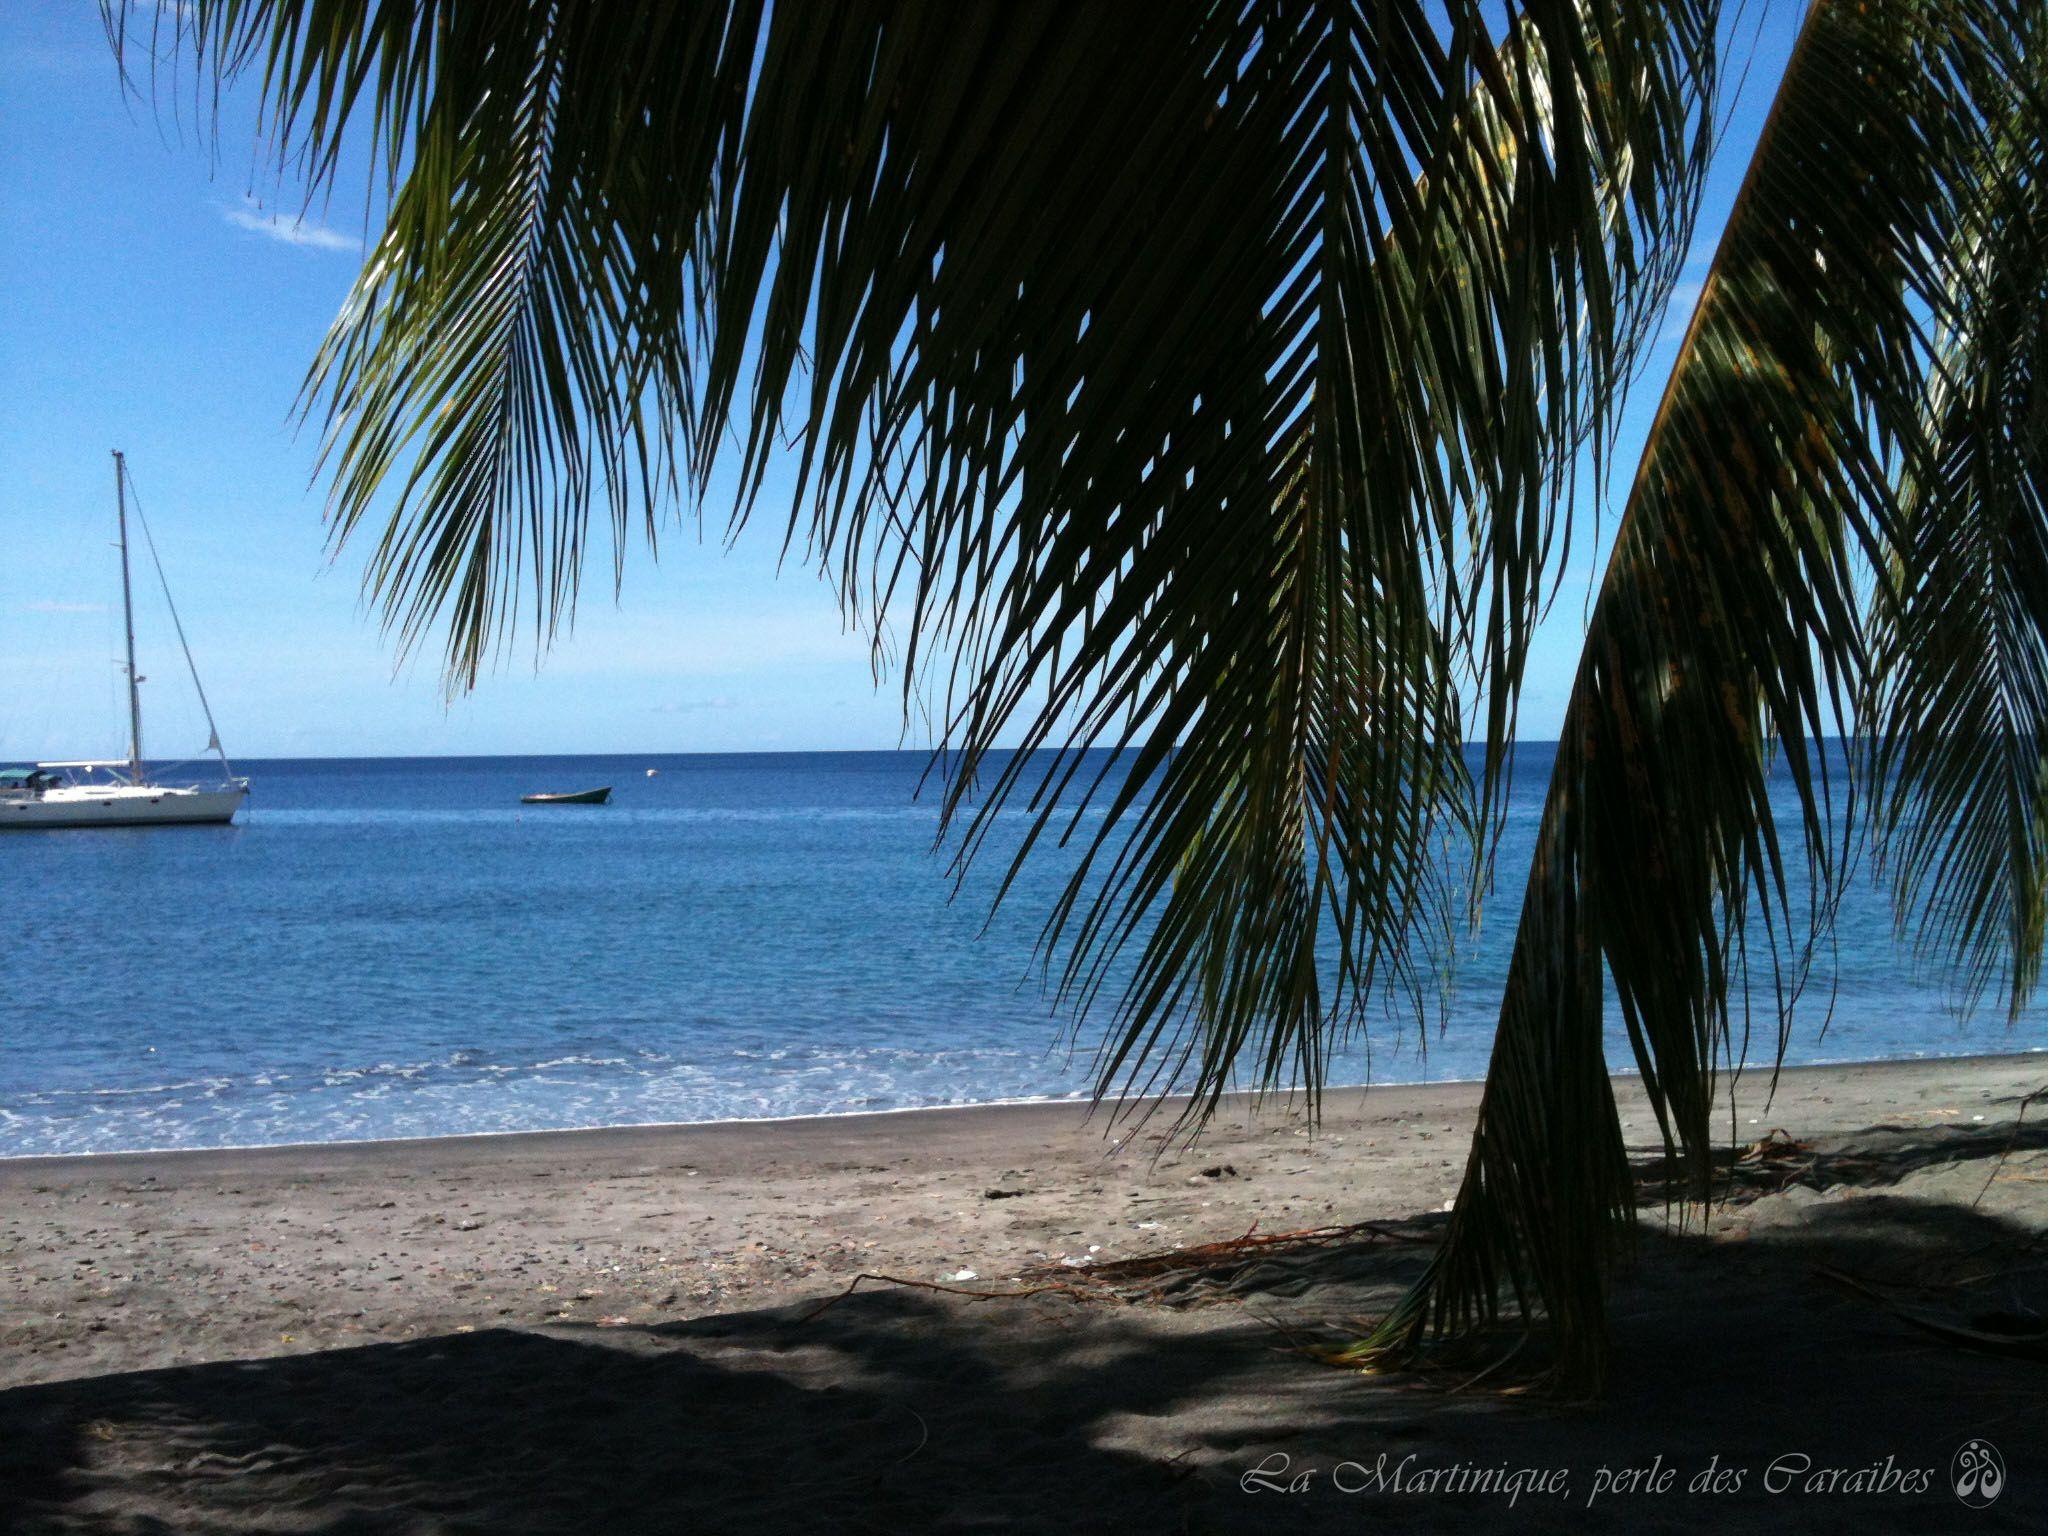 La Martinique, plage de sable noir